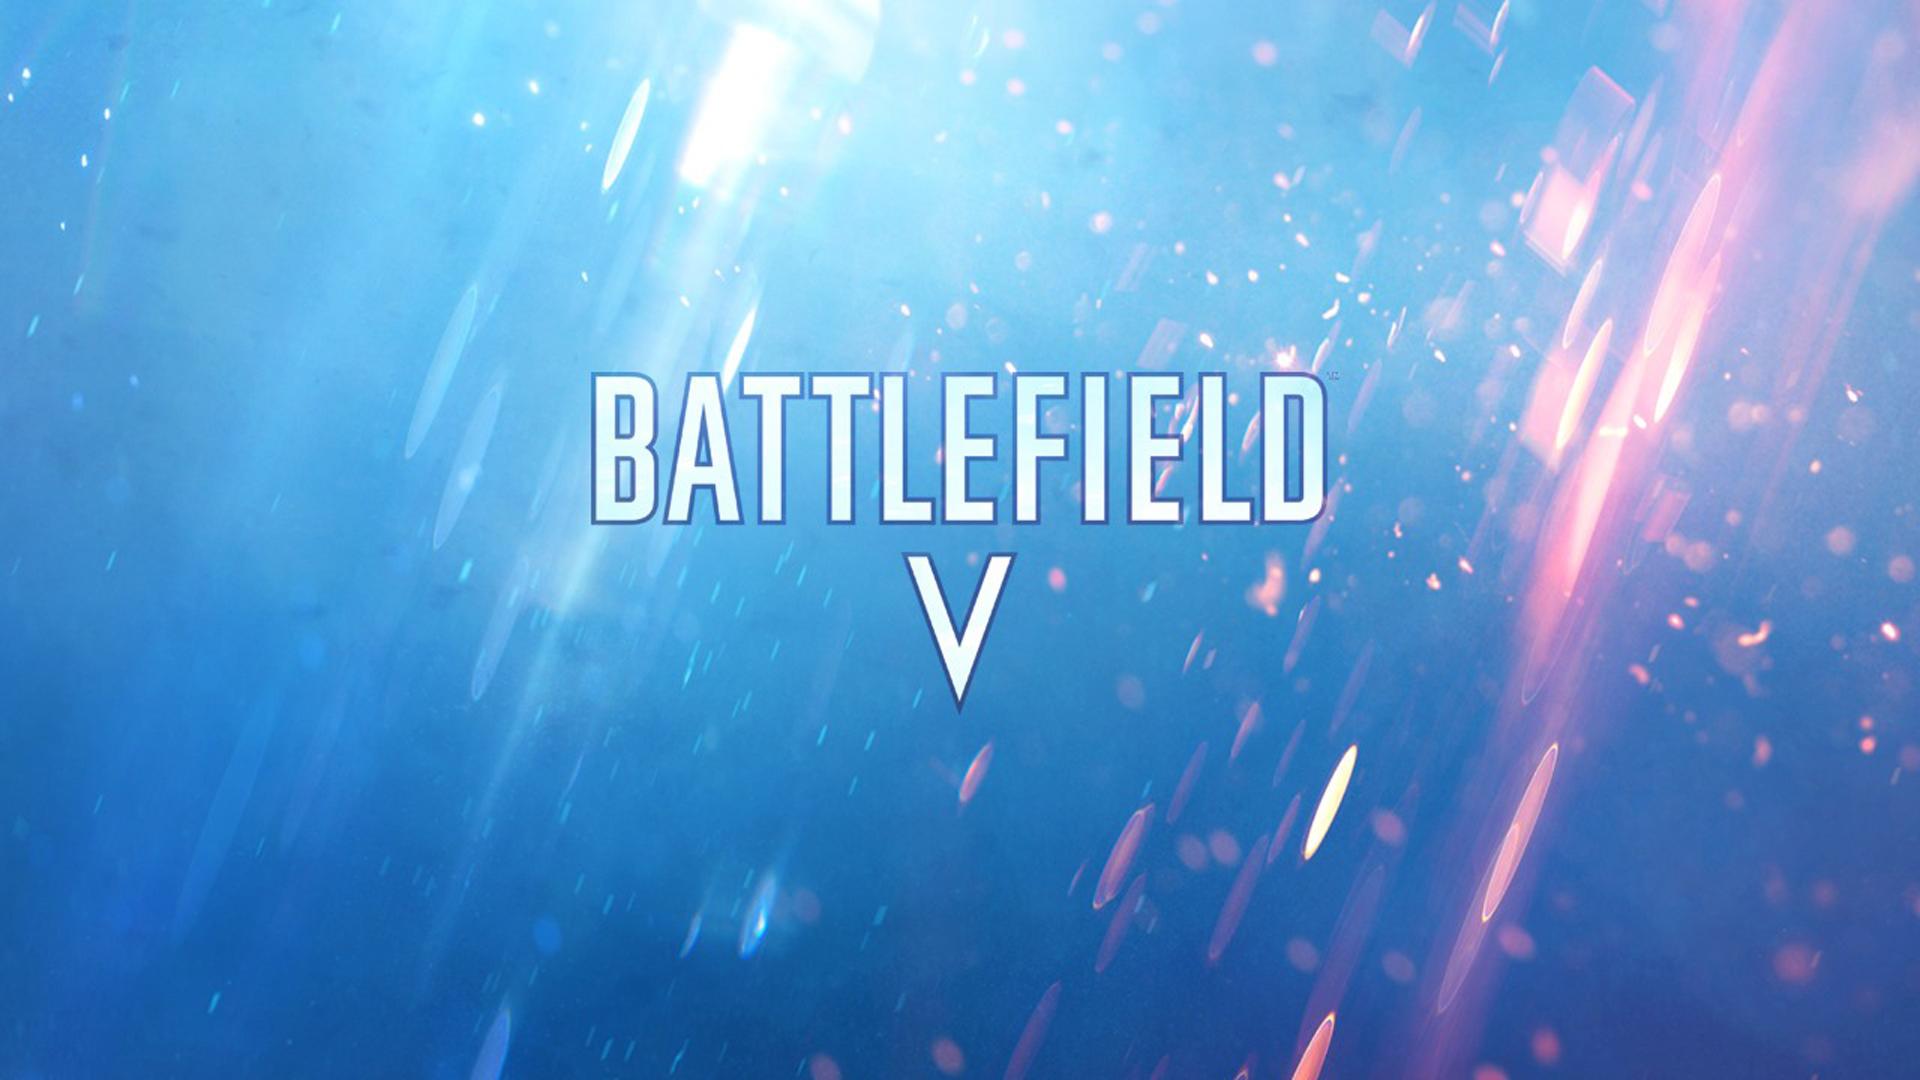 battlefield-v-wallpaper-hd